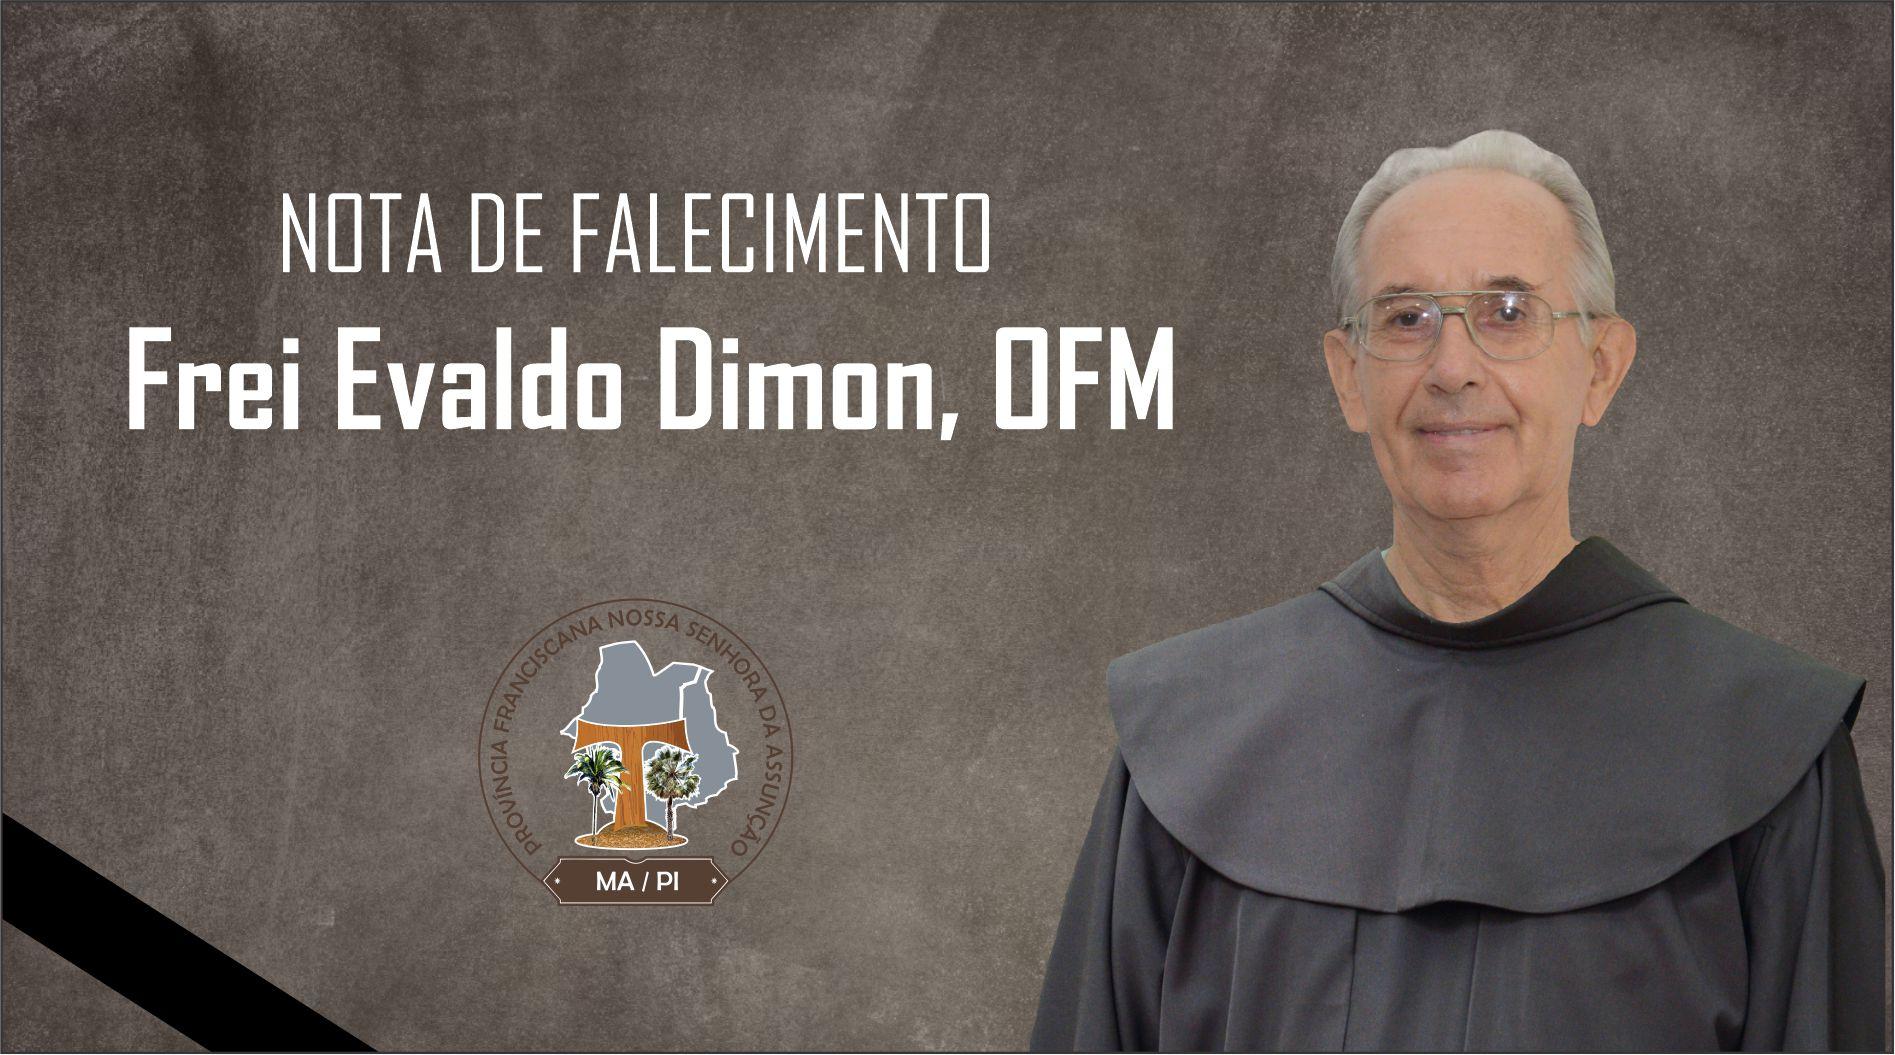 Frei Evaldo Dimon Realiza sua Páscoa Derradeira